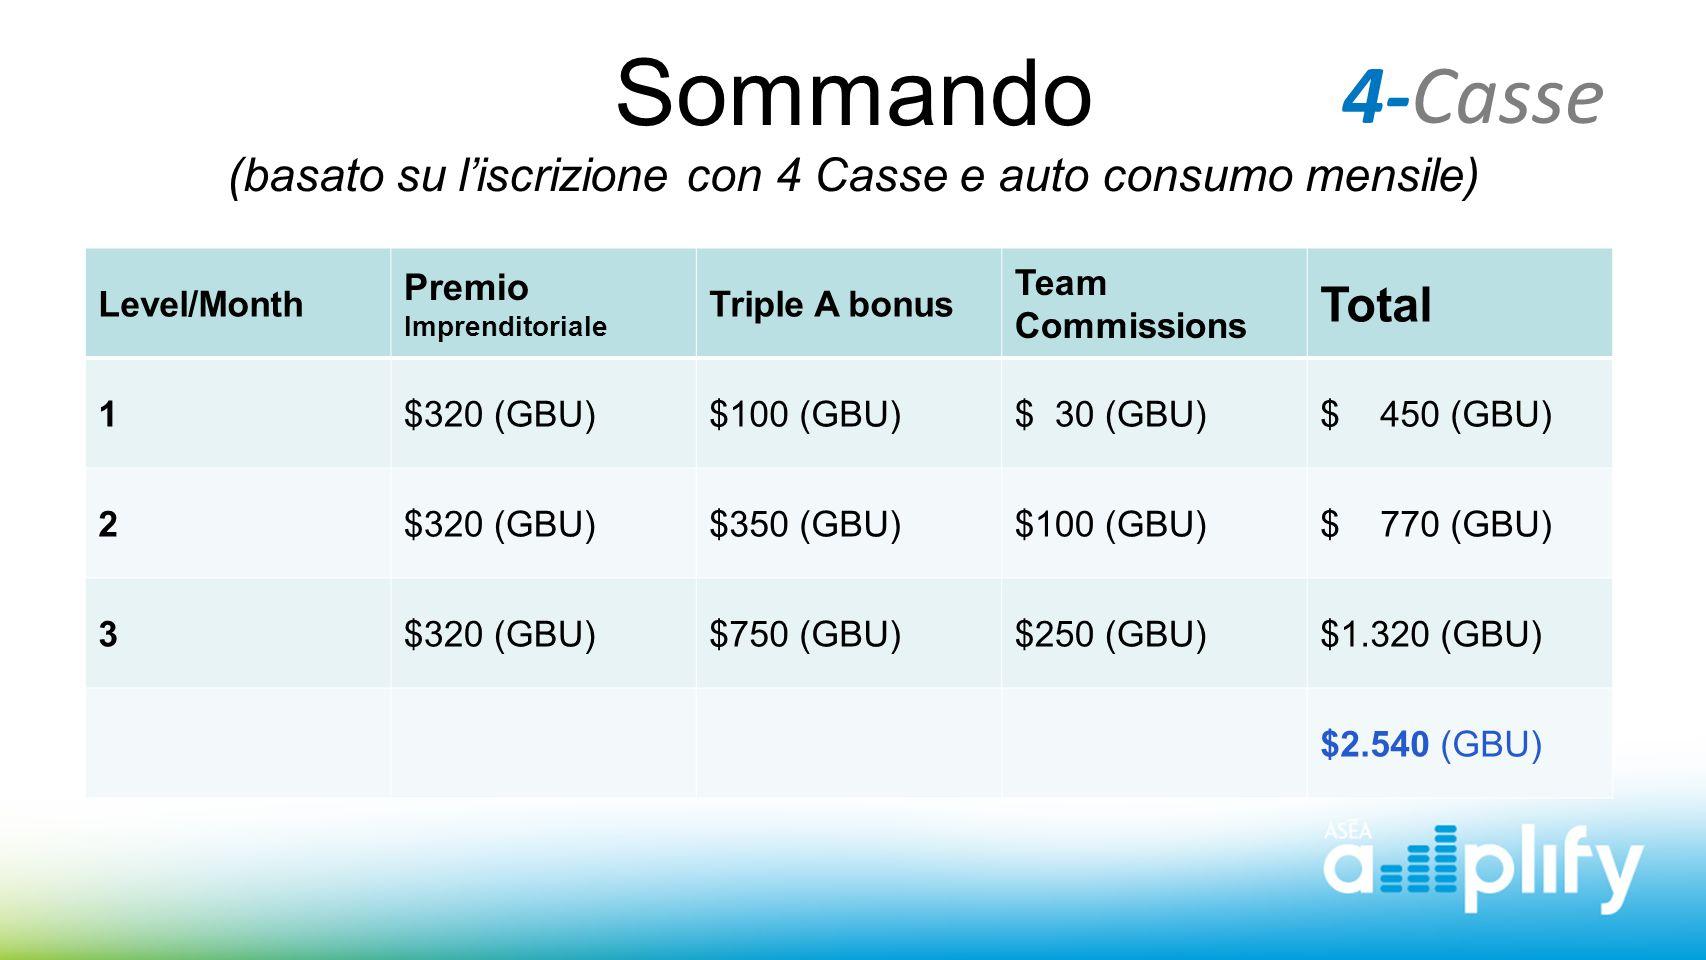 Sommando (basato su l'iscrizione con 4 Casse e auto consumo mensile)